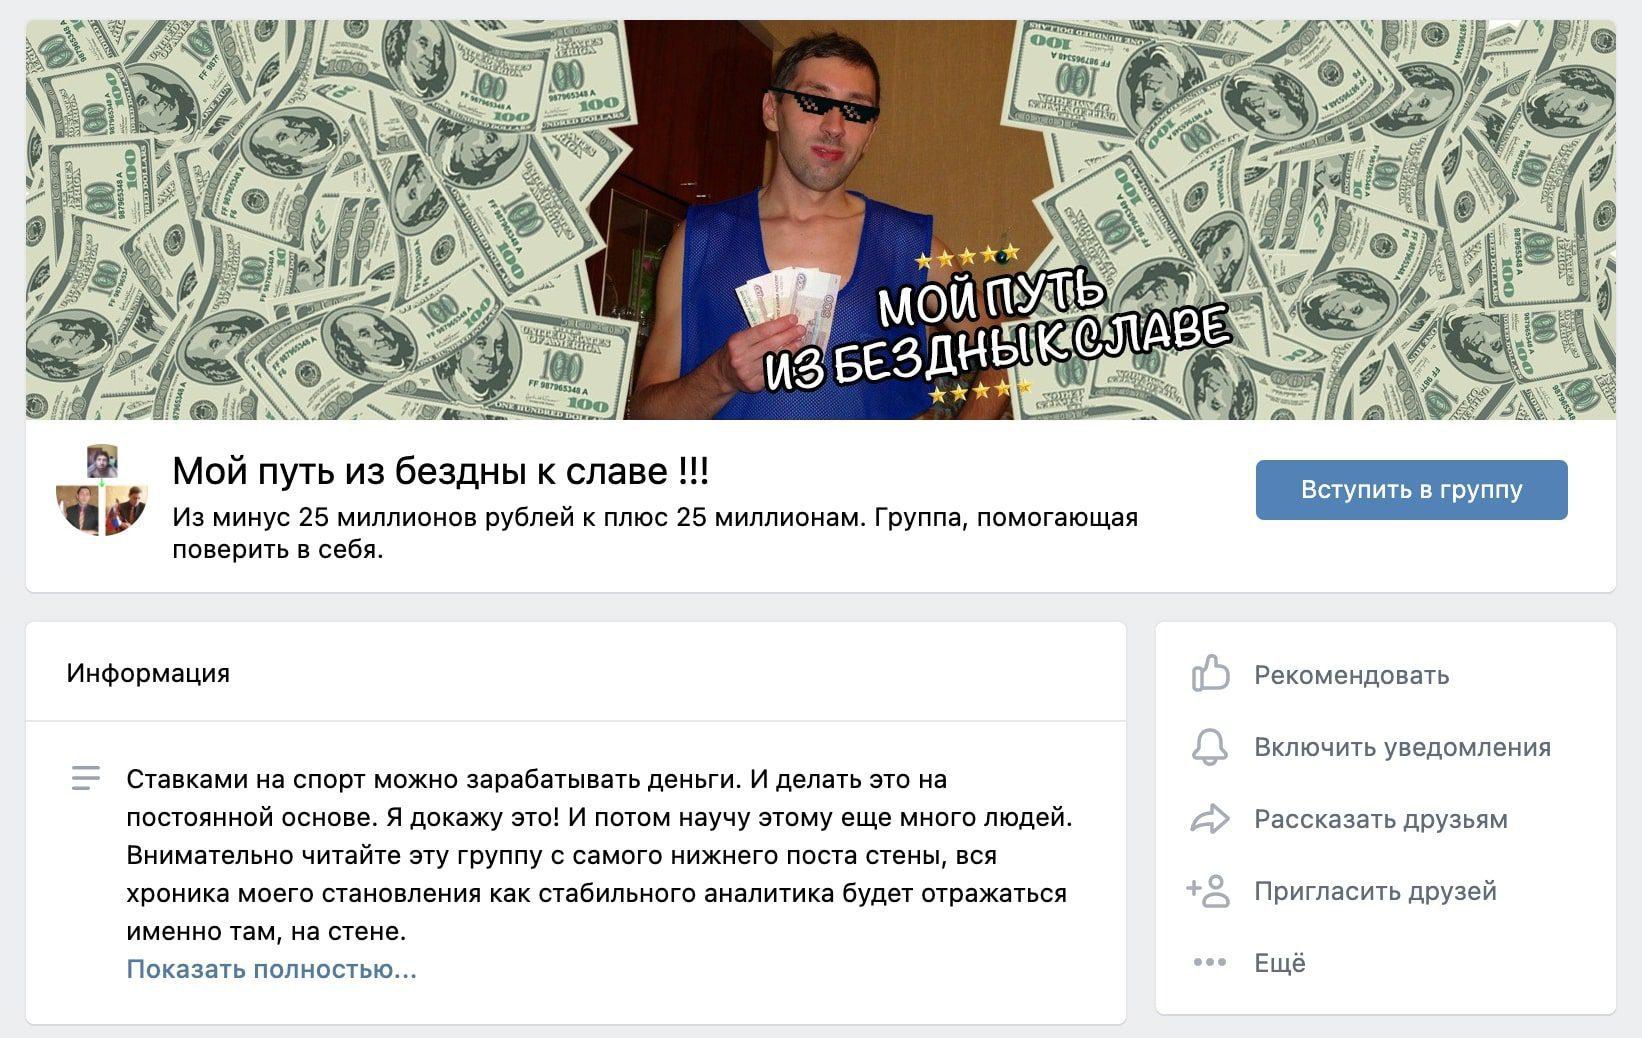 Группа ВК проекта Мой путь из бездны к славе от каппера Сергея Бестова